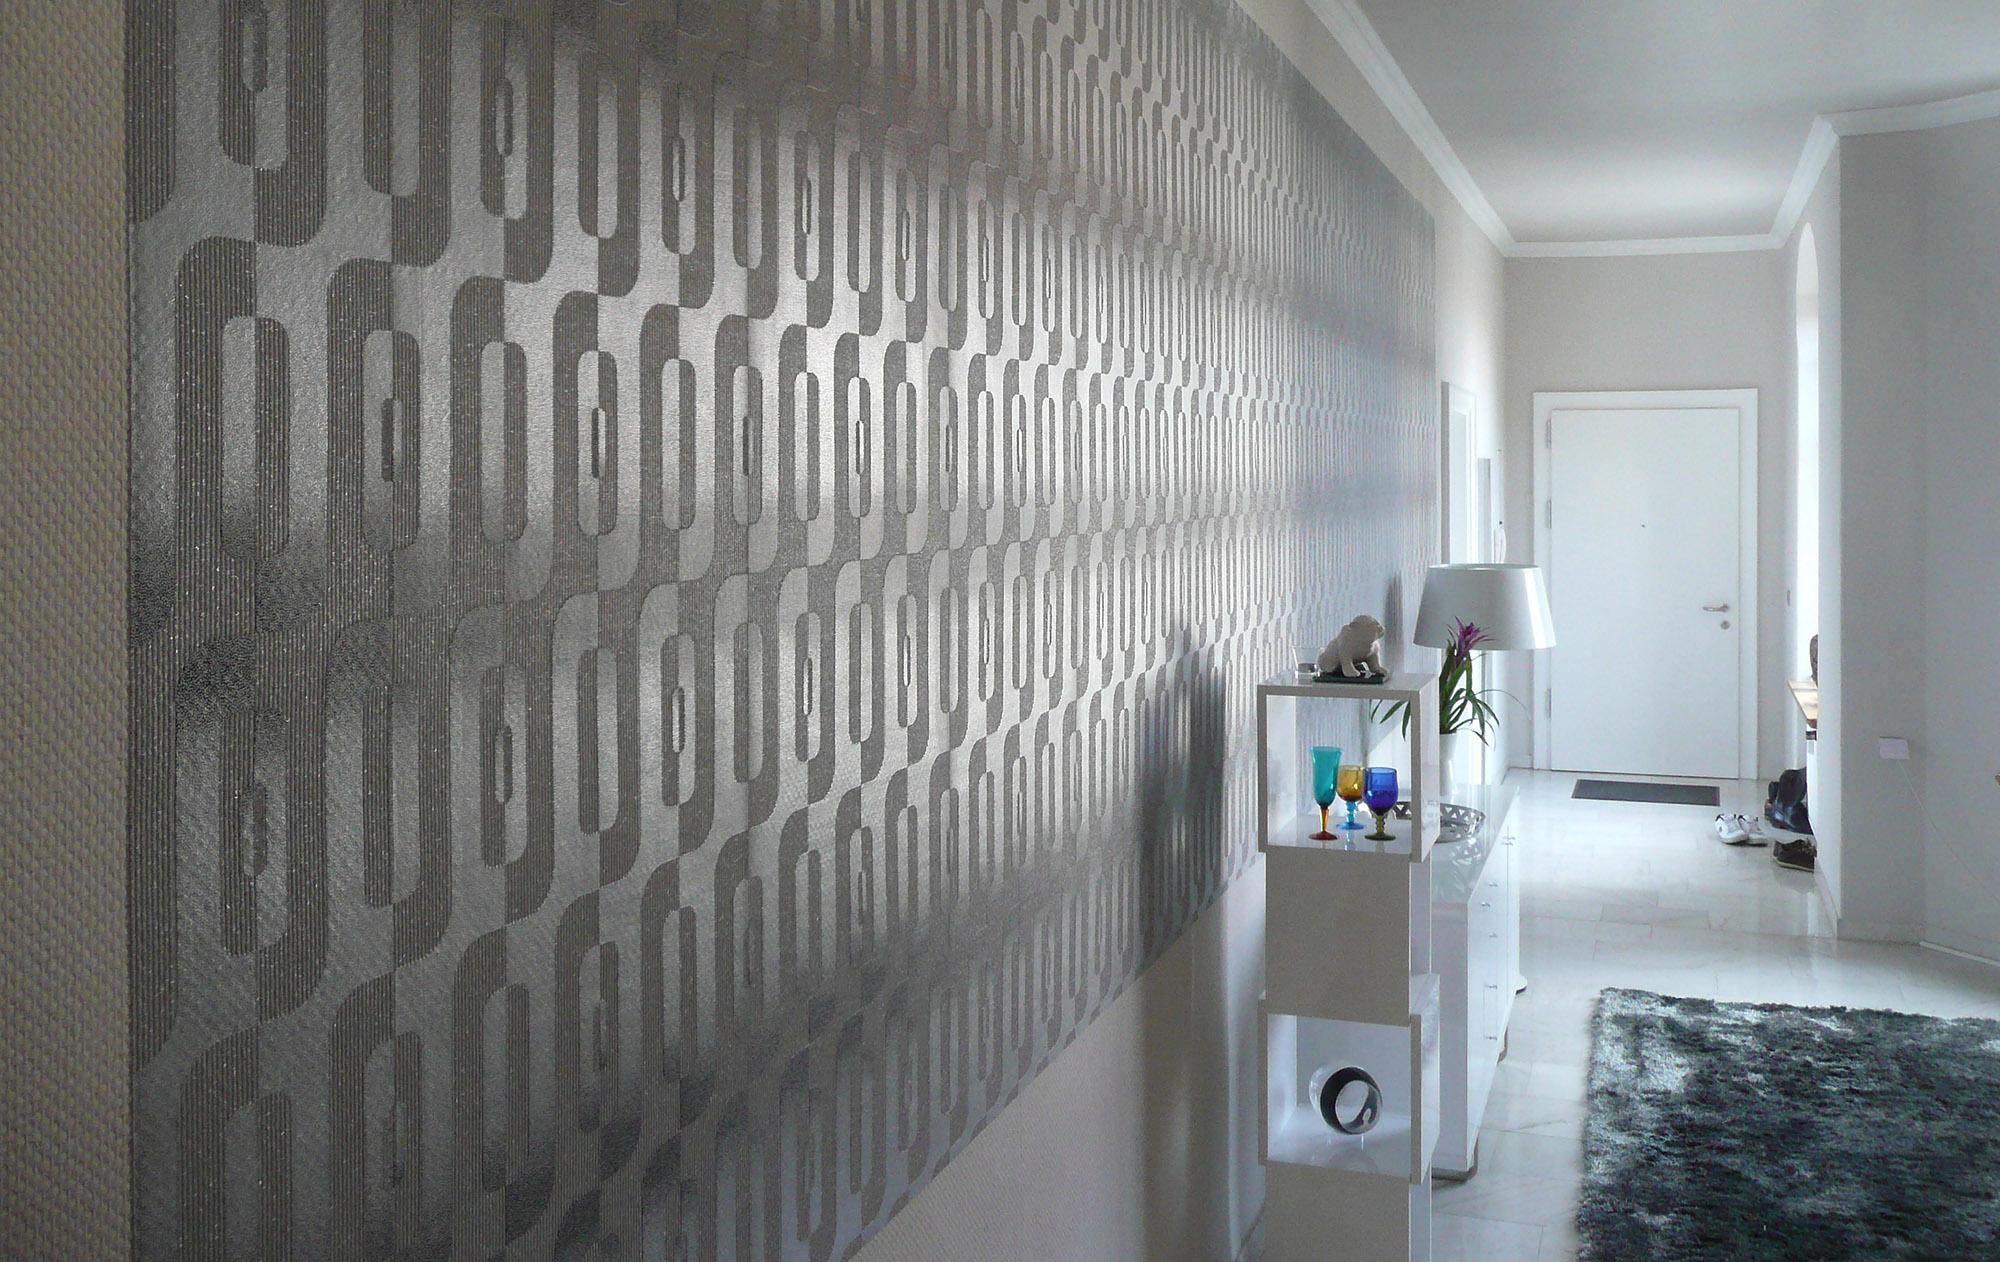 Wandgestaltung mit Tapete in einem Flur